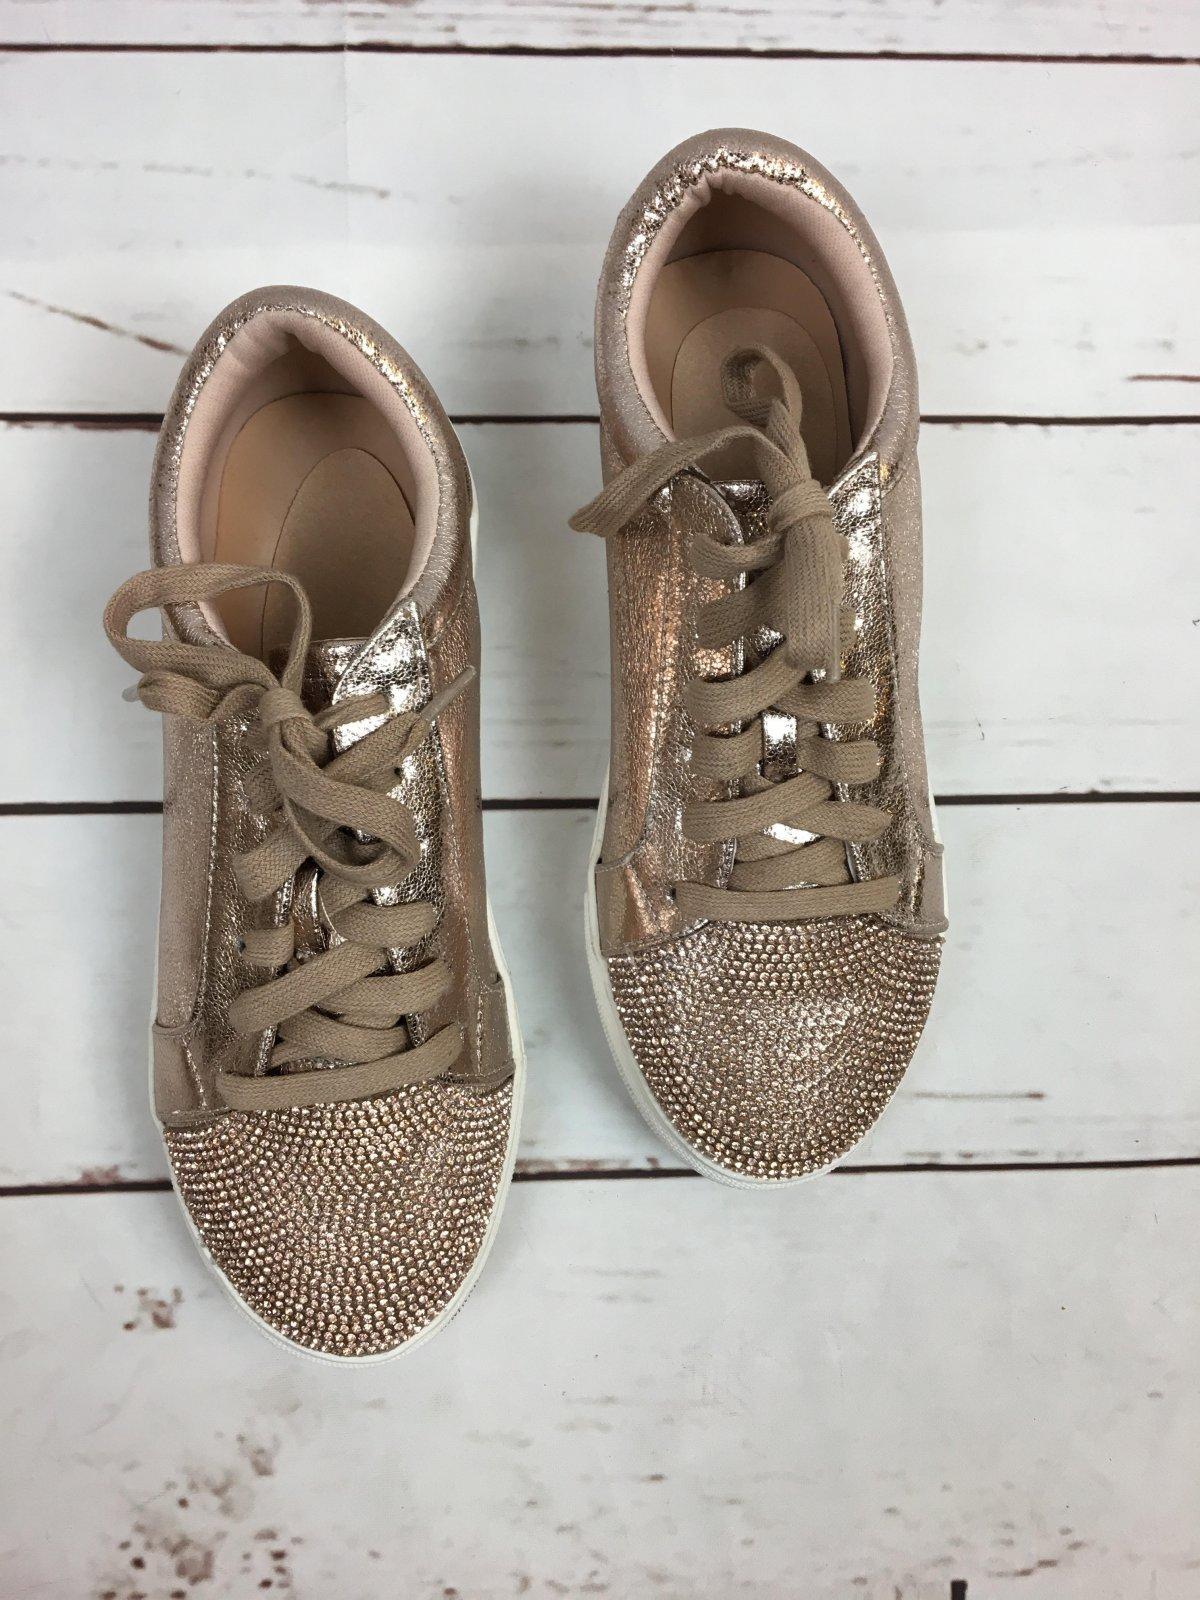 Bling toe/ metallic kicks